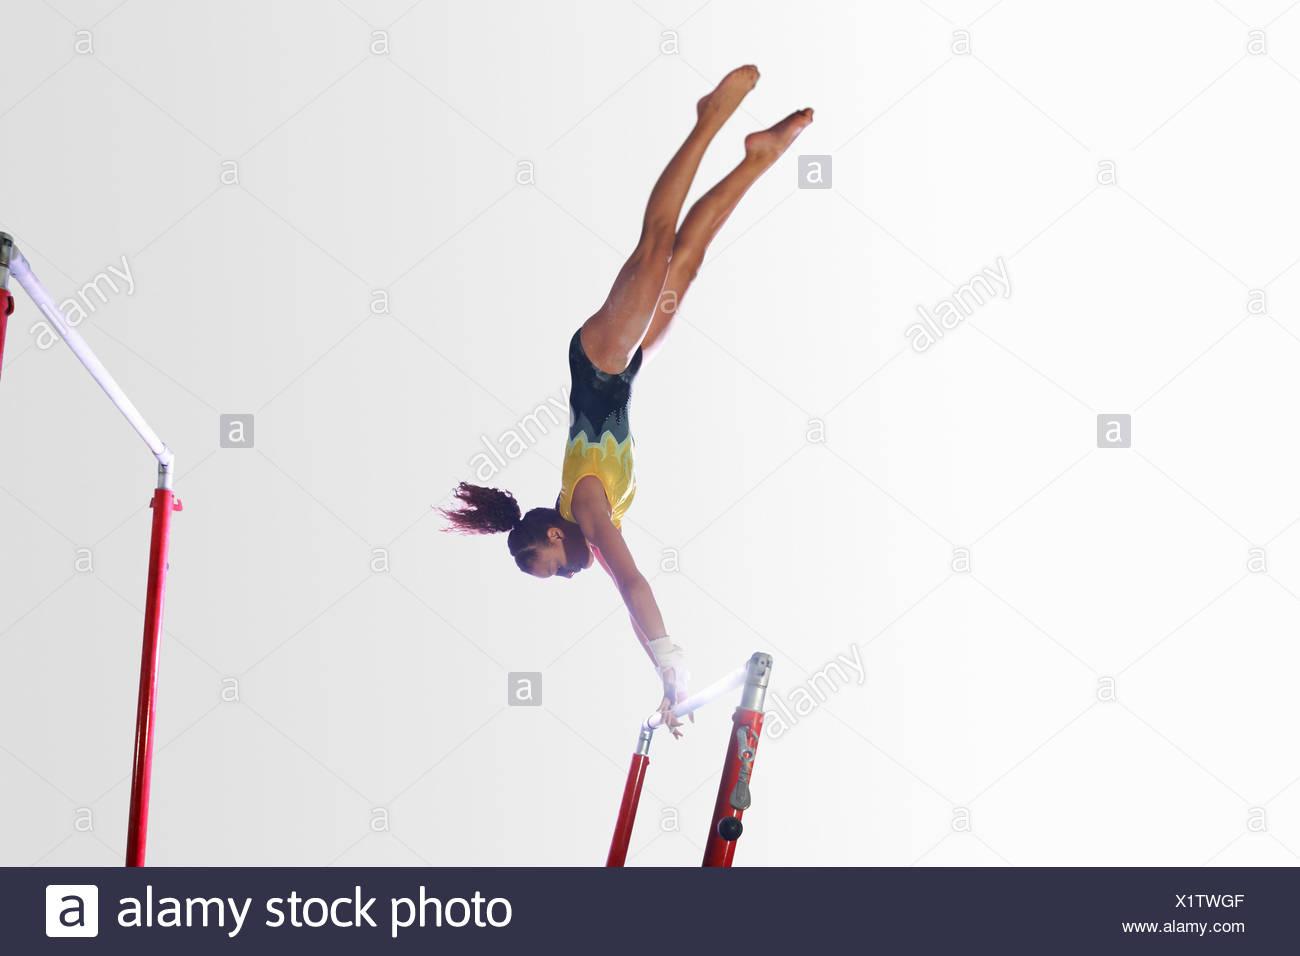 gymnastics bar stock photos gymnastics bar stock images alamy